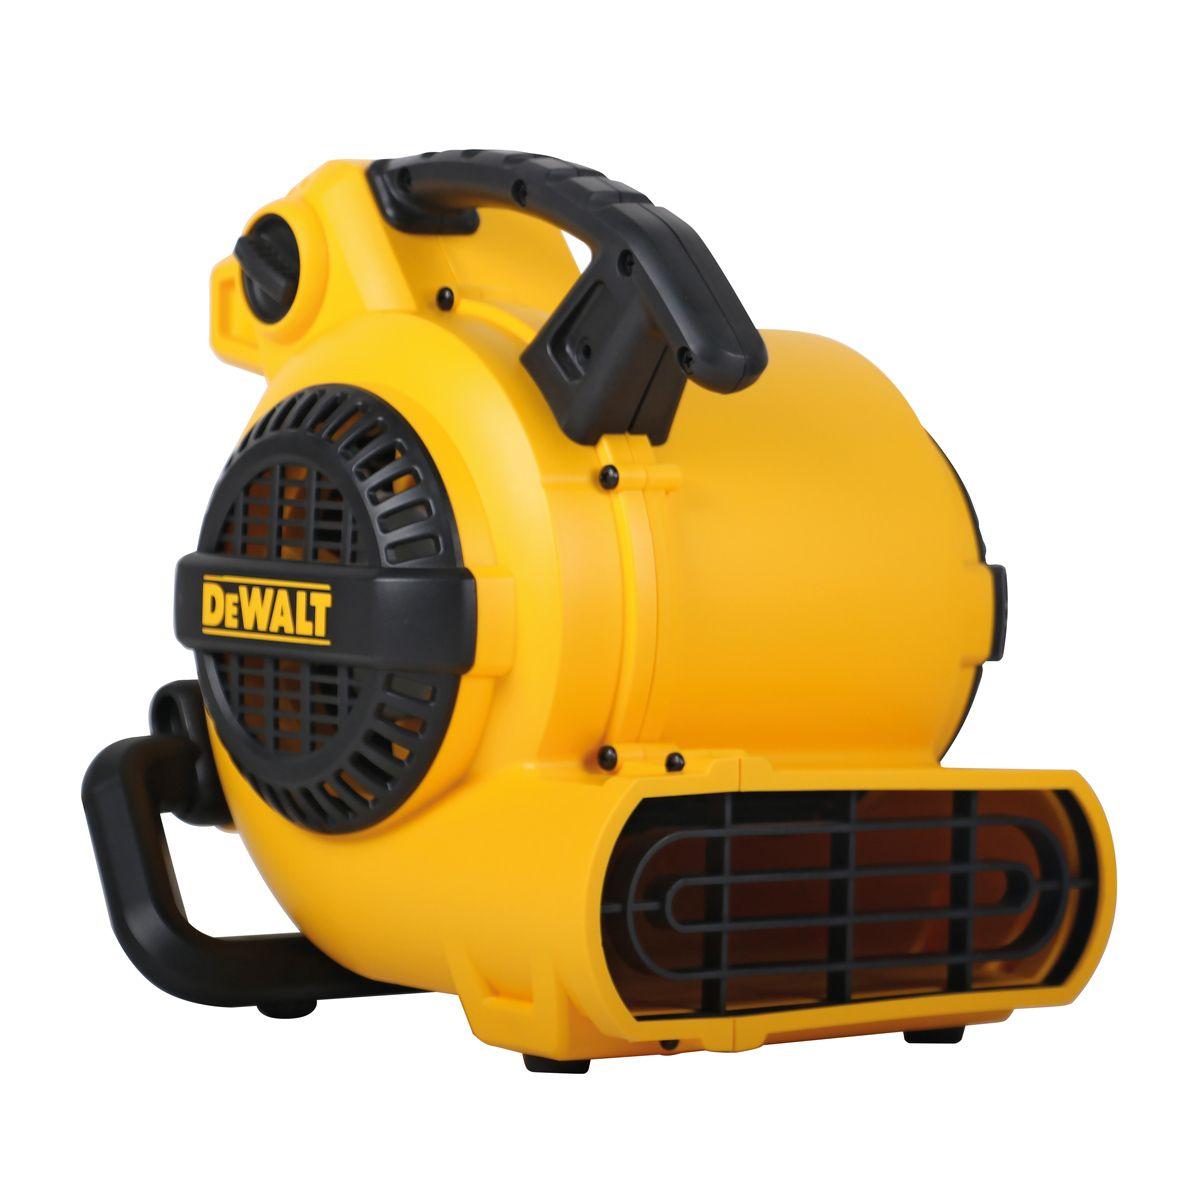 Dewalt DXAM2250 Centrifugal Air Mover 230v